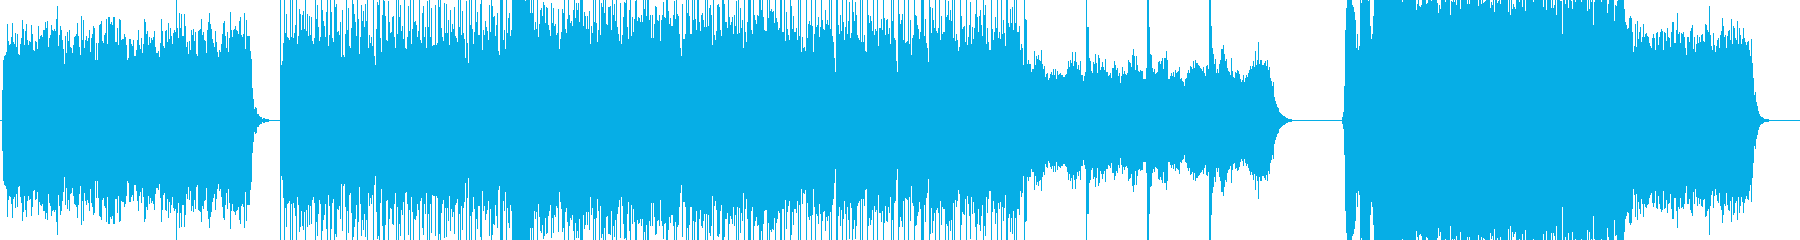 宇宙空間のようなテクノの再生済みの波形